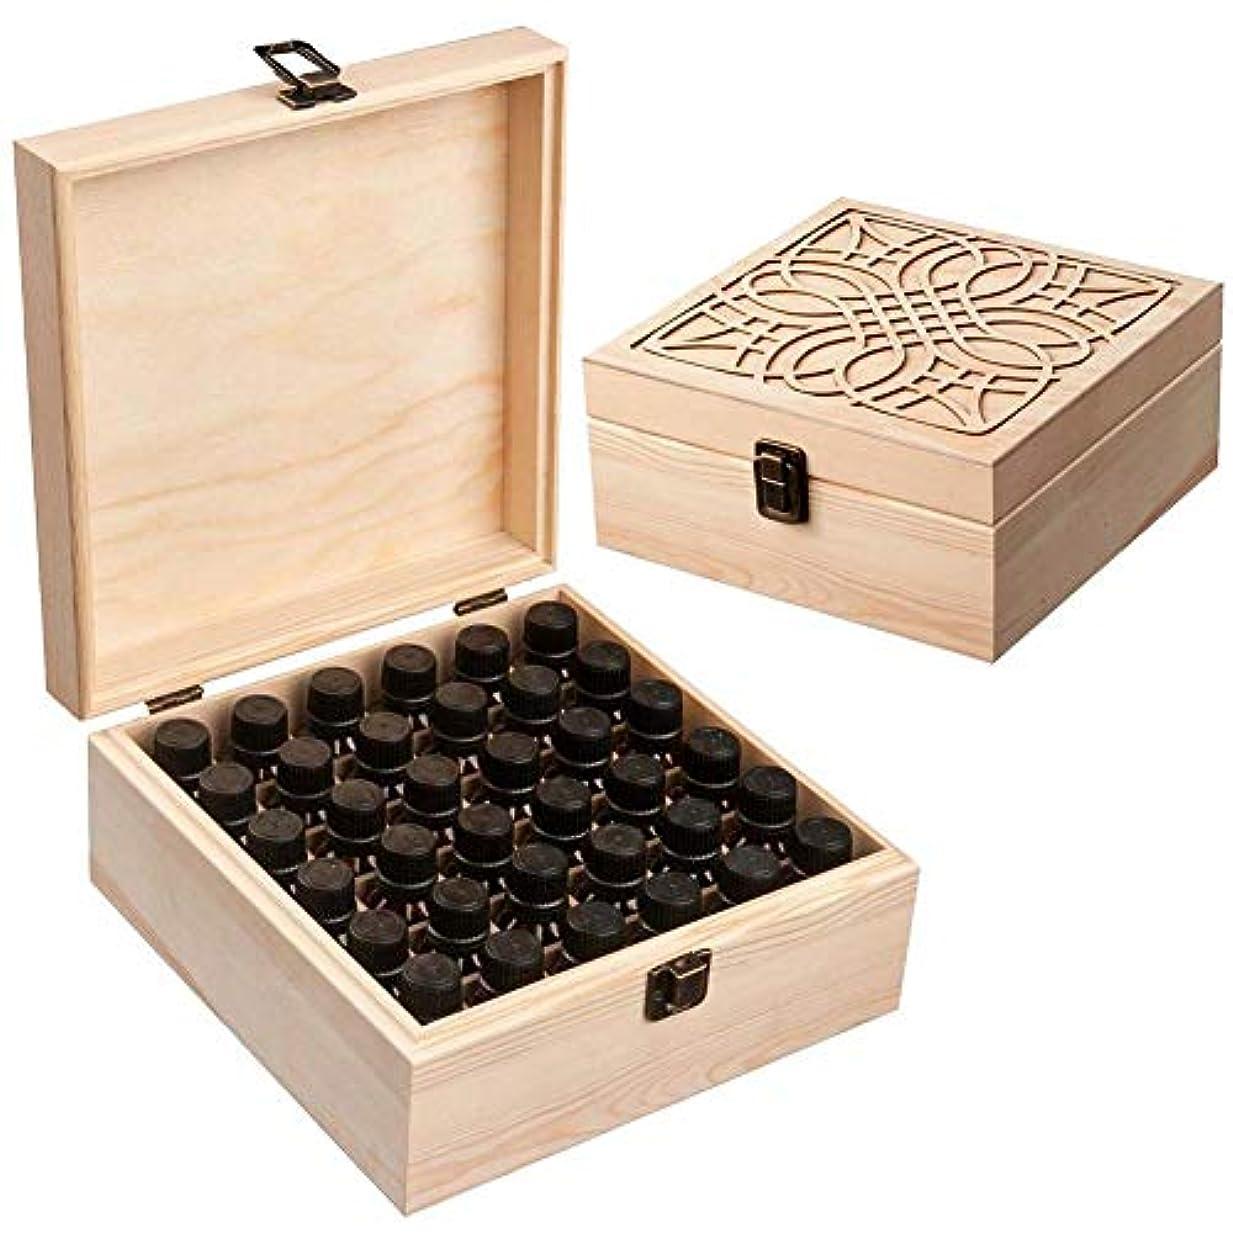 プレゼンタータイル悪用Newfashion エッセンシャルオイル収納ボックス 精油収納 アロマケース 木製 大容量 携帯便利 オイルボックス 飾り物 36本用